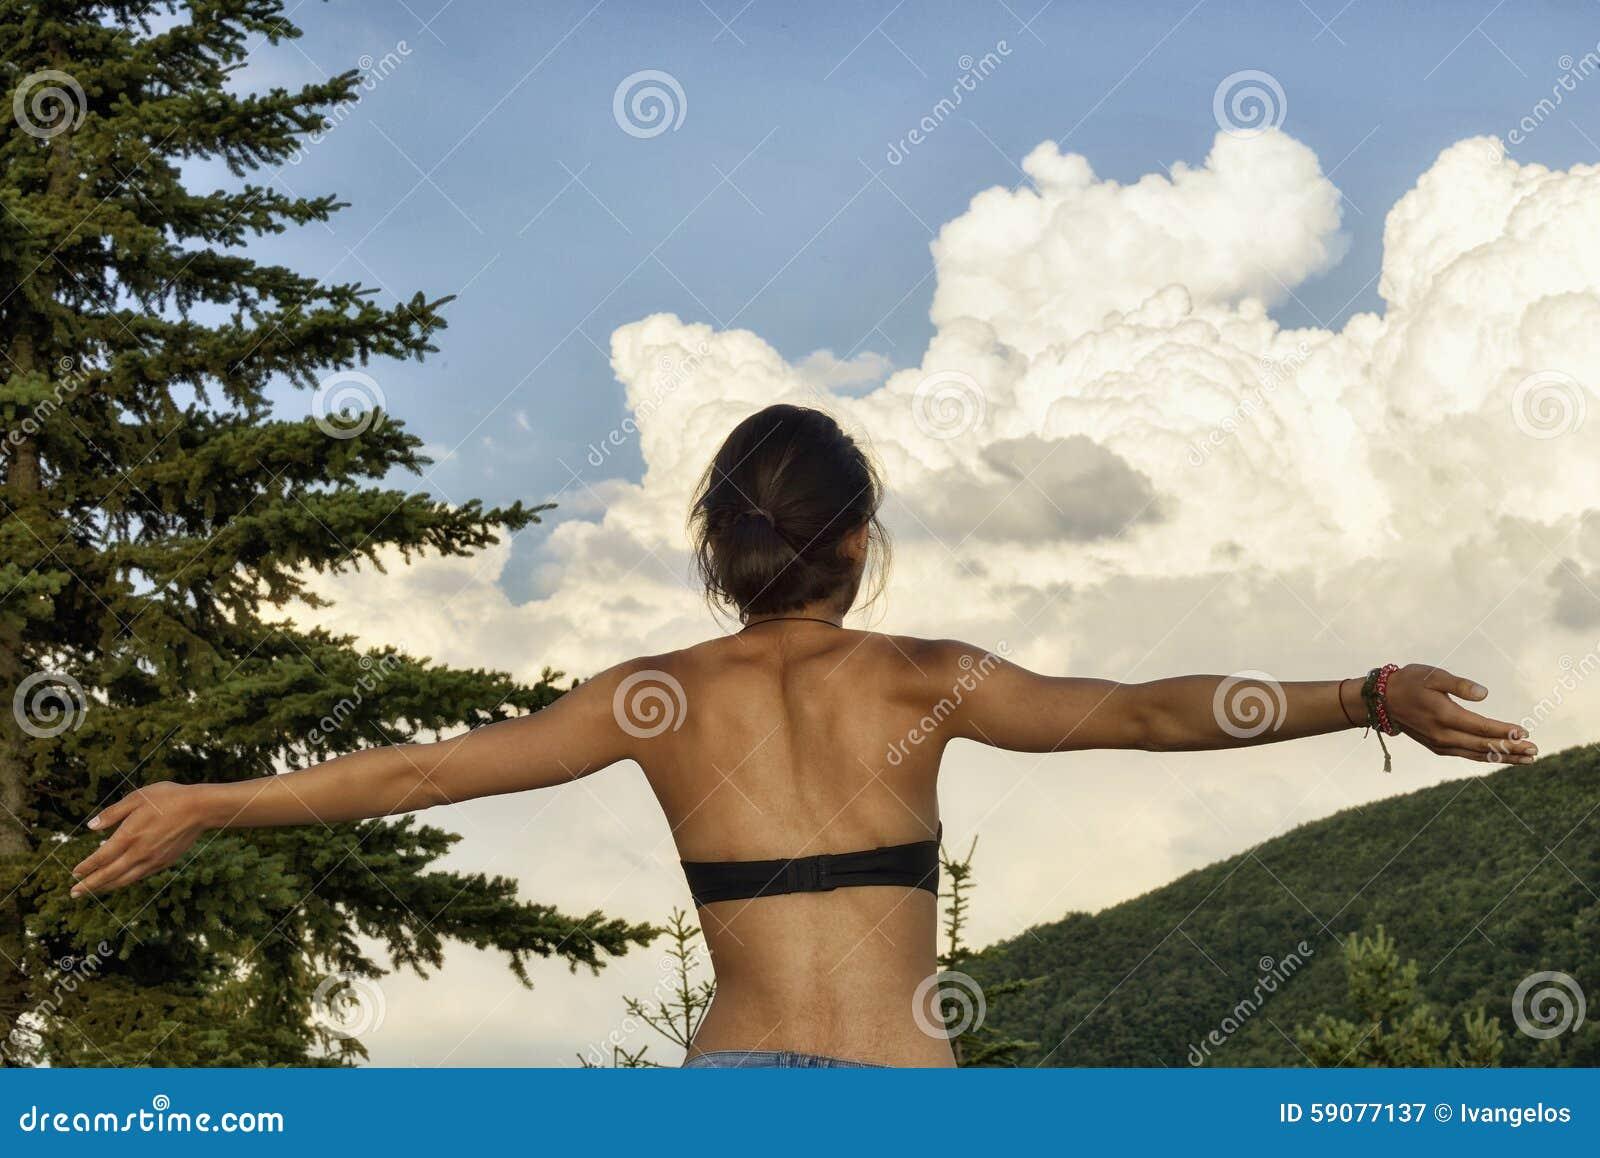 Η γυναίκα με τα όπλα απολαμβάνει το καλοκαίρι